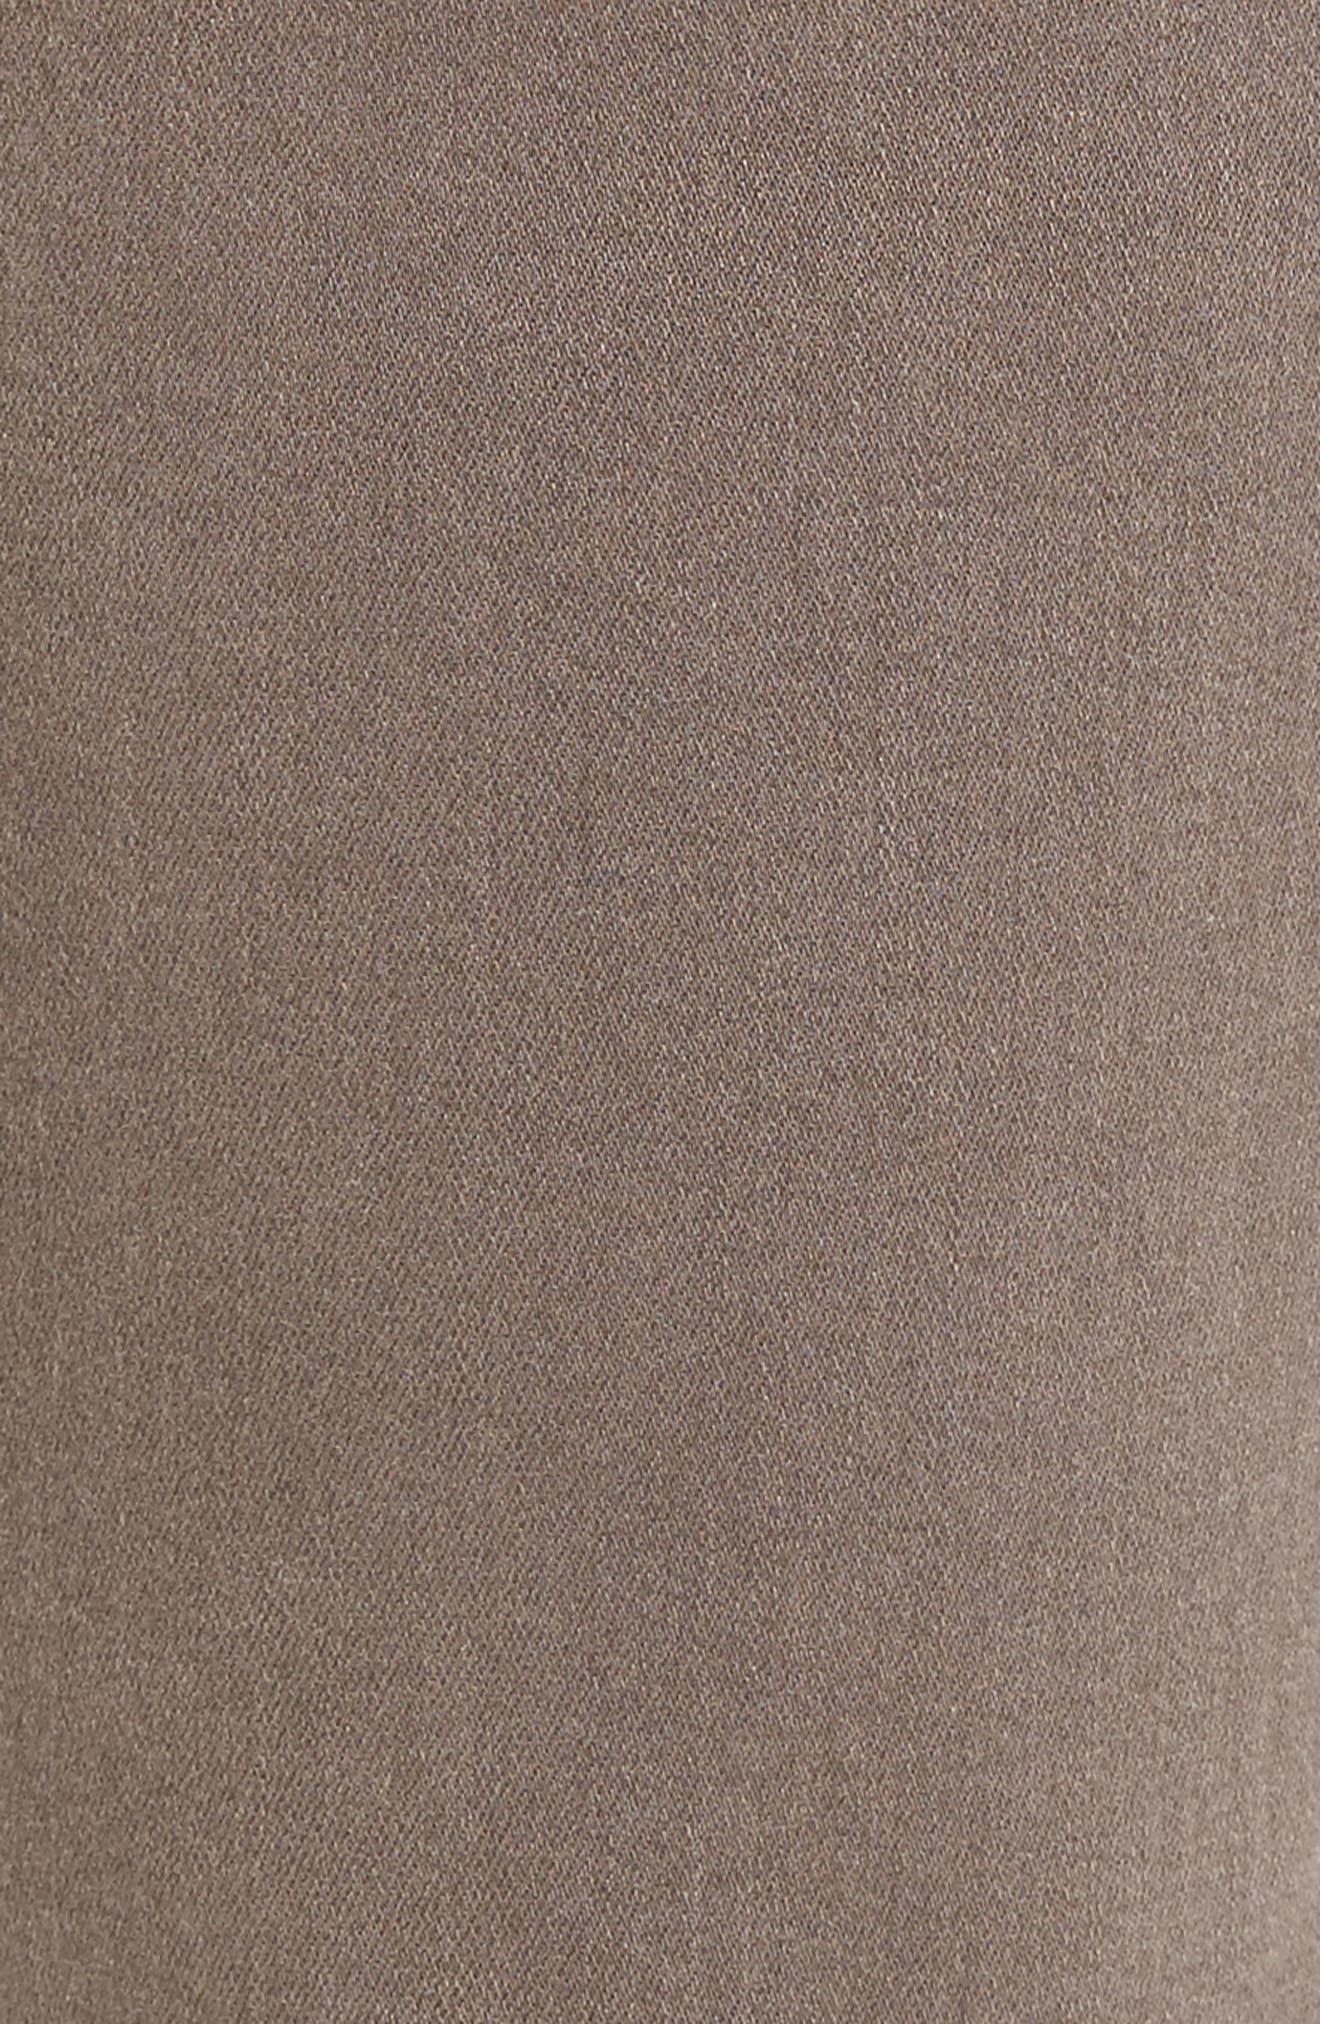 Alternate Image 5  - PAIGE Transcend - Lennox Slim Fit Jeans (Vintage Sand Bar)